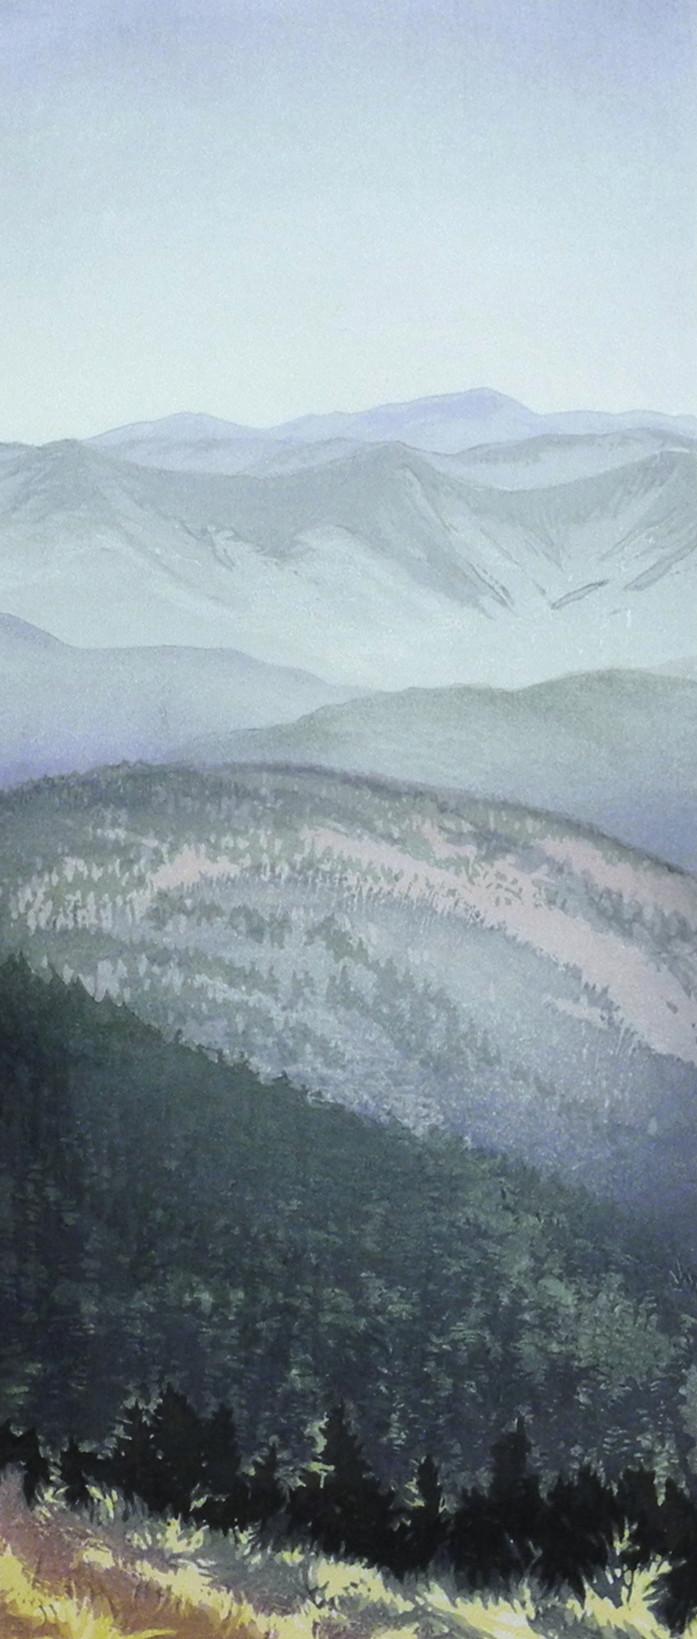 East of Moosilauke